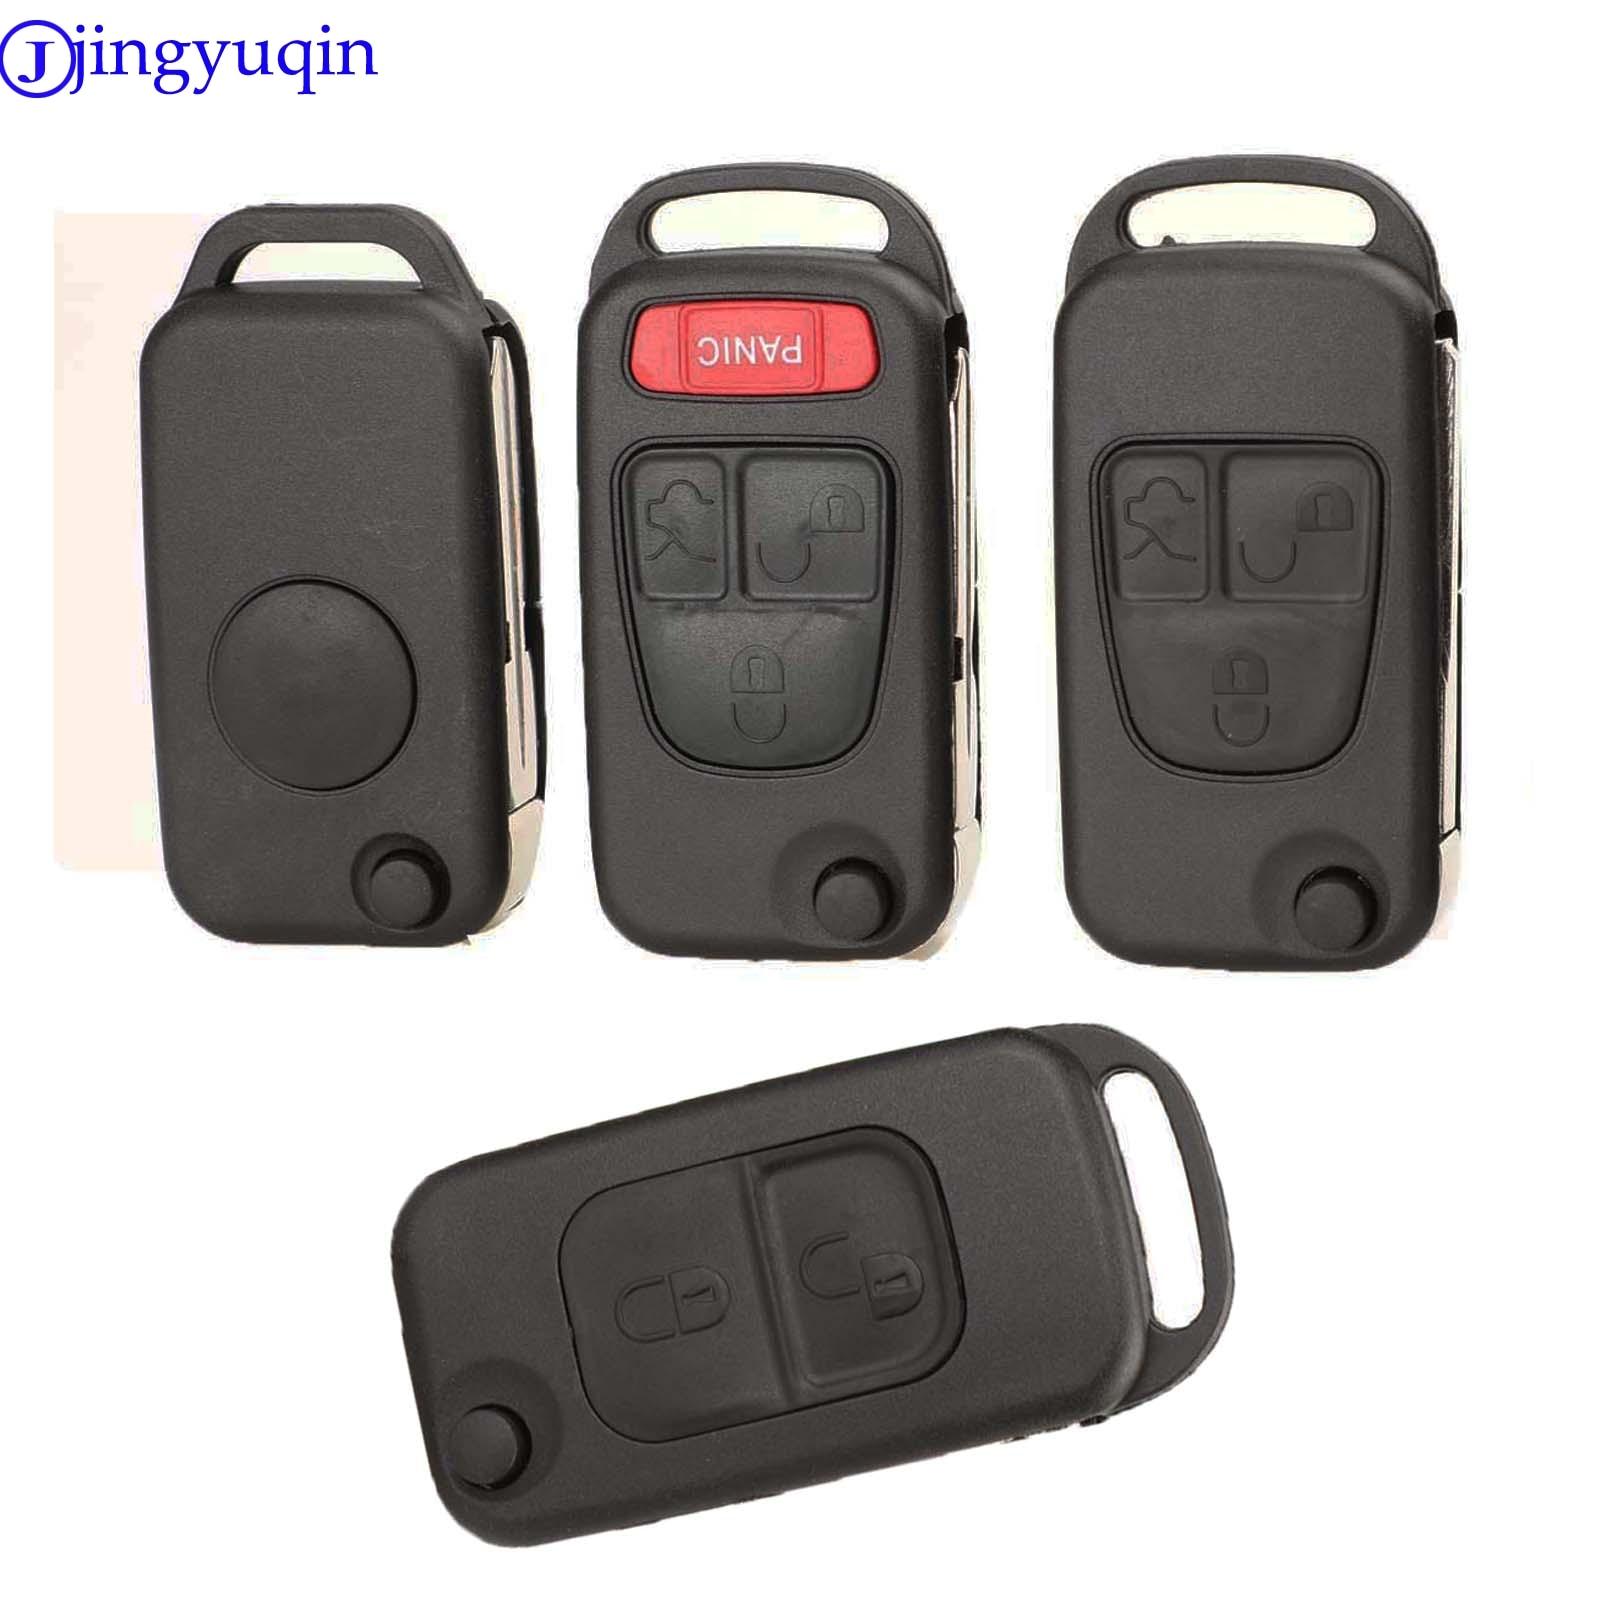 Jingyuqin 1/2/3/4 botões do carro remoto dobrável fyd chave escudo capa para mercedes para benz b200 a160 w124 w202 w210 hu39 hu64